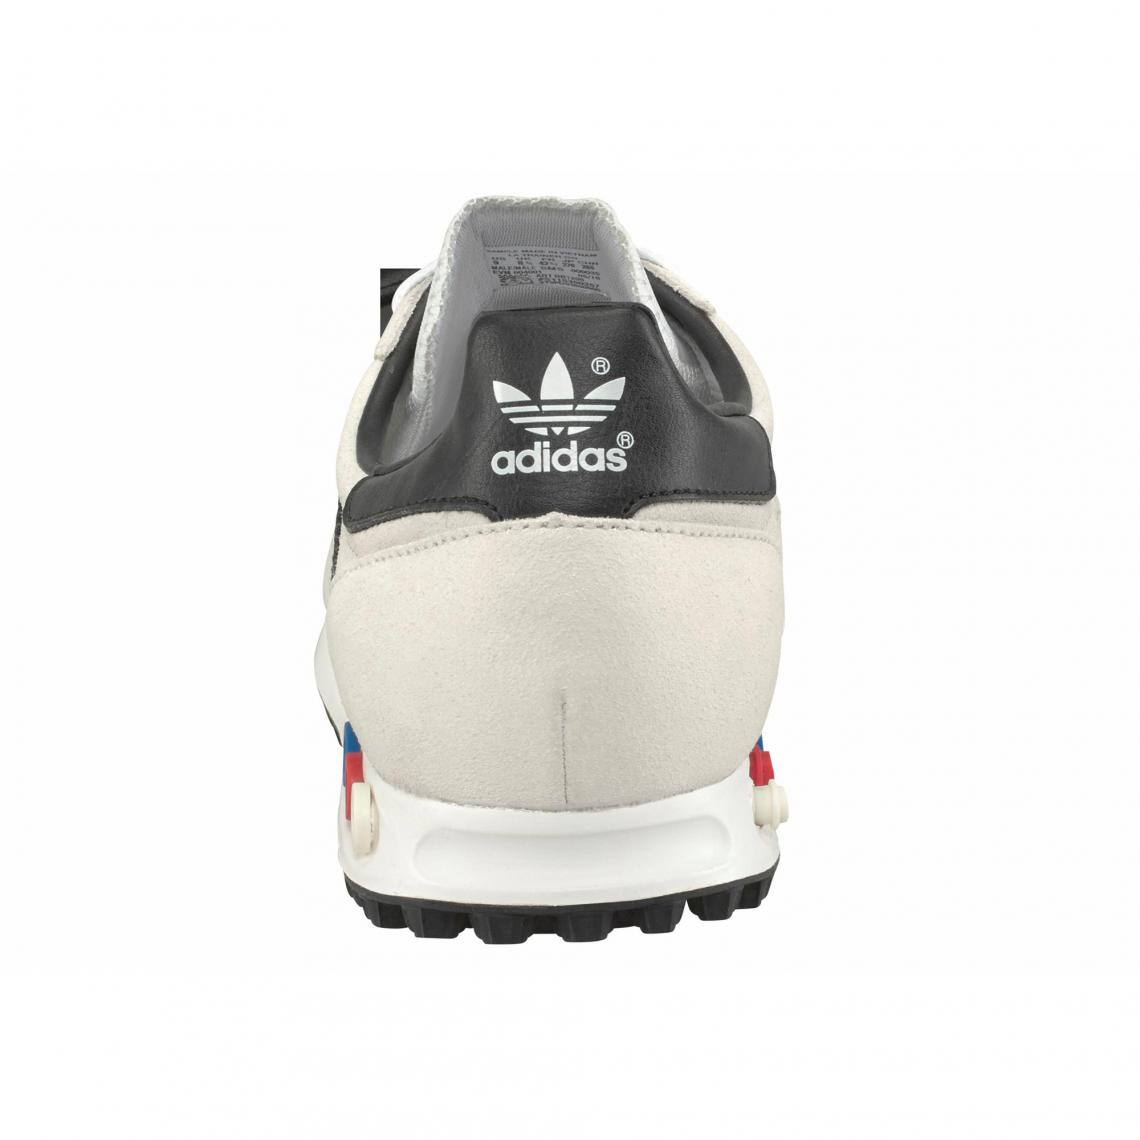 Baskets LA Trainer homme adidas Originals - Blanc Mat   3Suisses 5c3d239c51d6